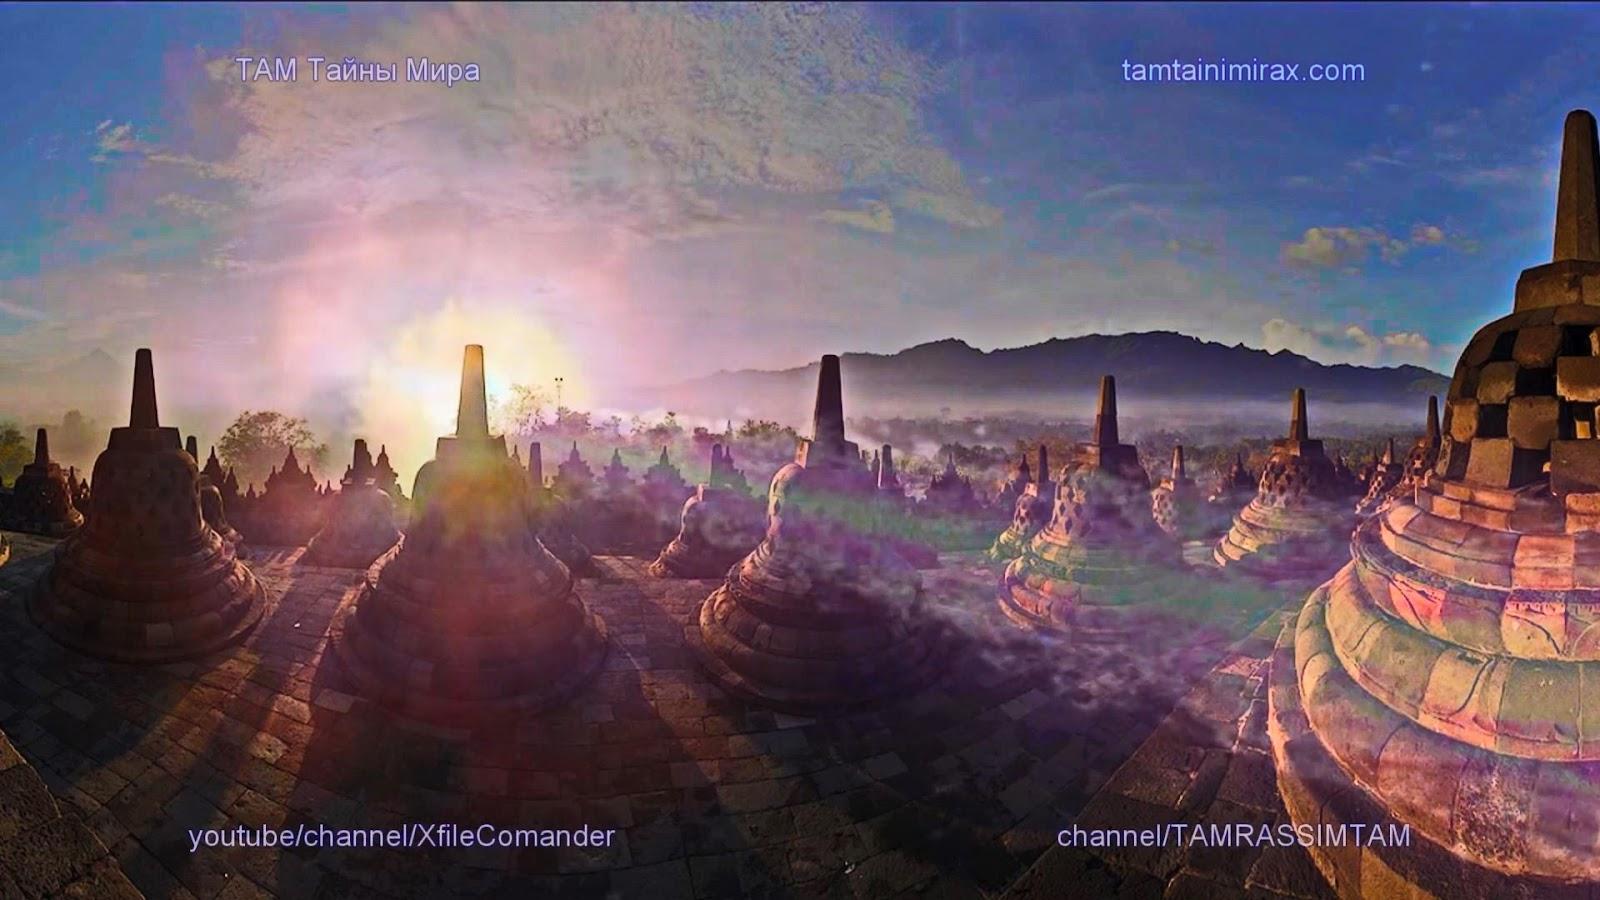 Ладья Яра Аса небесные Ладьи Вайманика-шастра Помимо каменных великанов, на острове Пасхи есть большое количество сложных архитектурных сооружений. Местами видны каменные круги, ячеистые помещения.